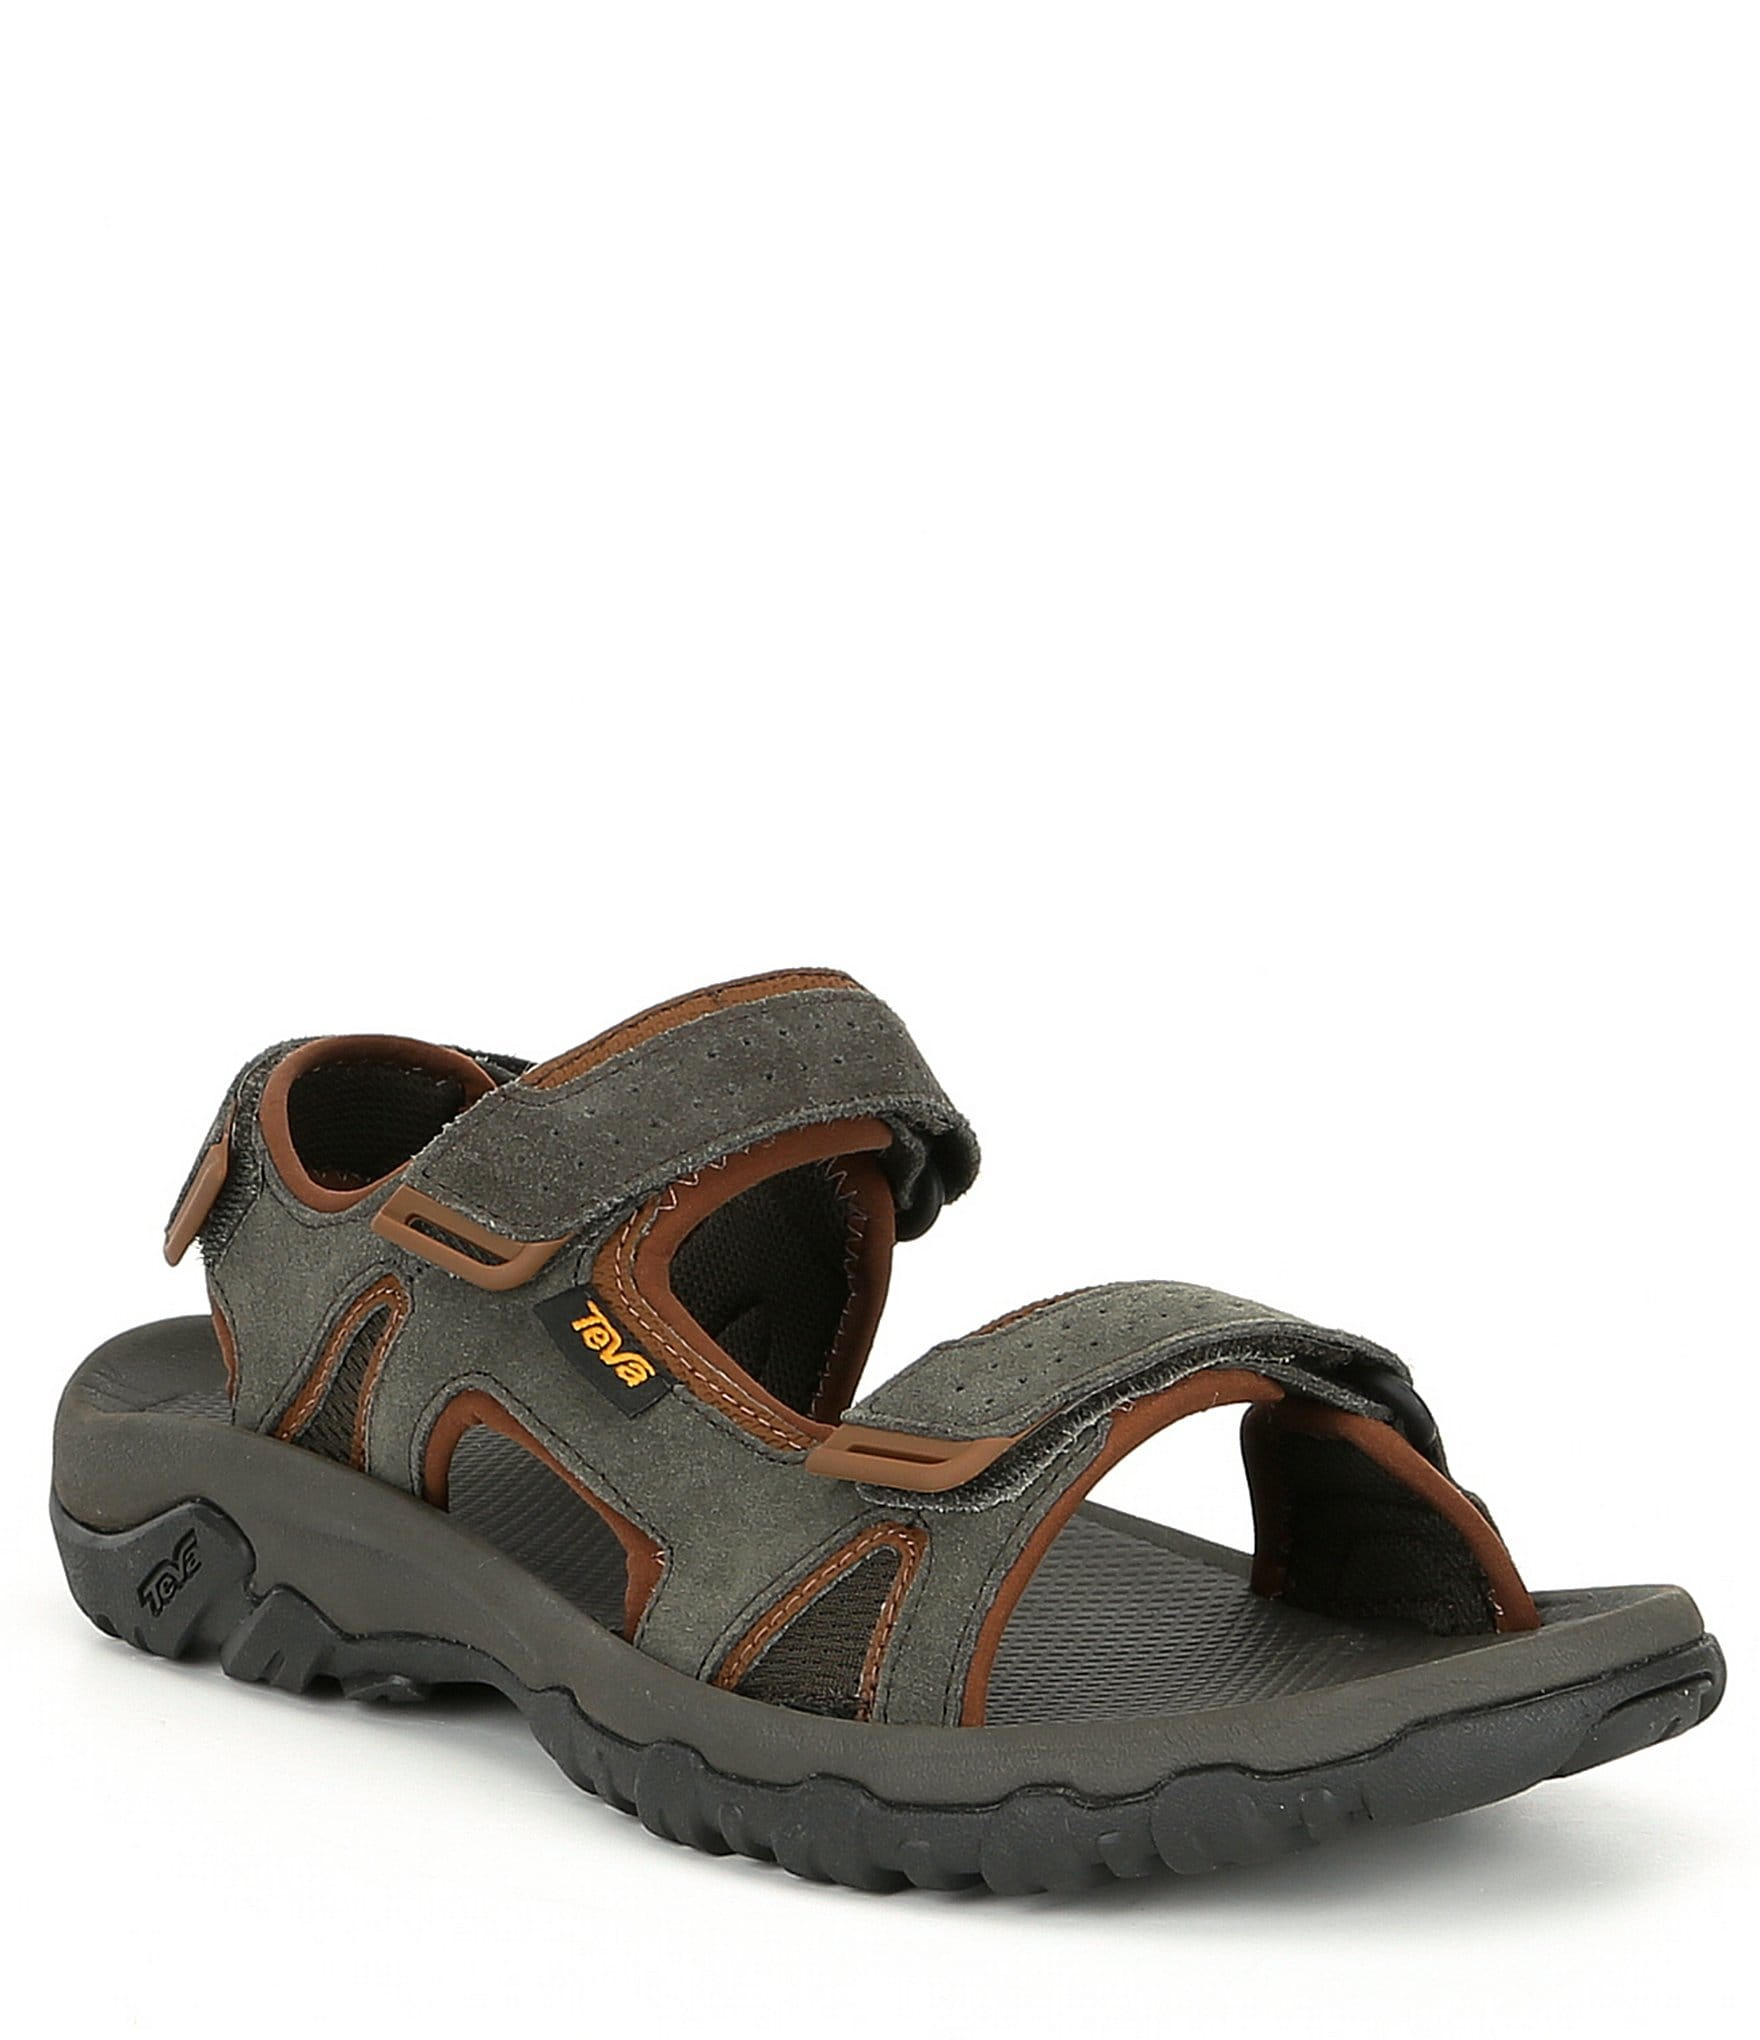 44f6767c63d3 Teva Shoes